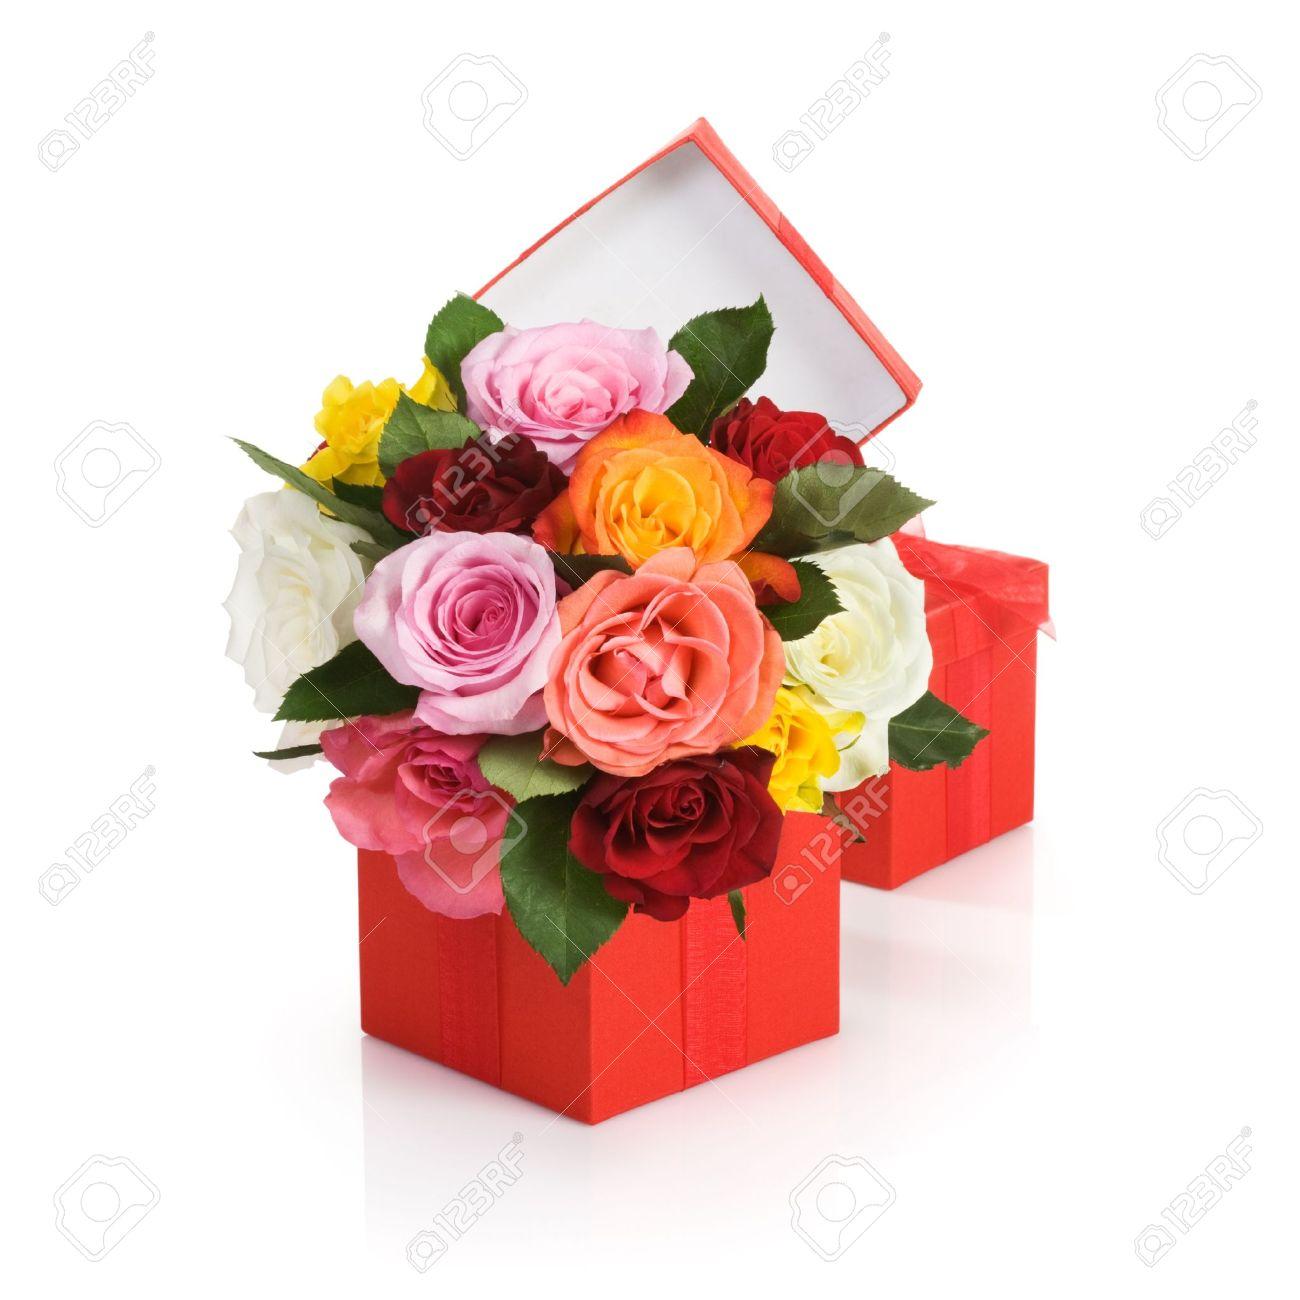 Regala flores al forer@ de arriba                 - Página 2 14478417-Caja-de-regalo-rojo-con-rosas-de-colores-sobre-fondo-blanco-Foto-de-archivo